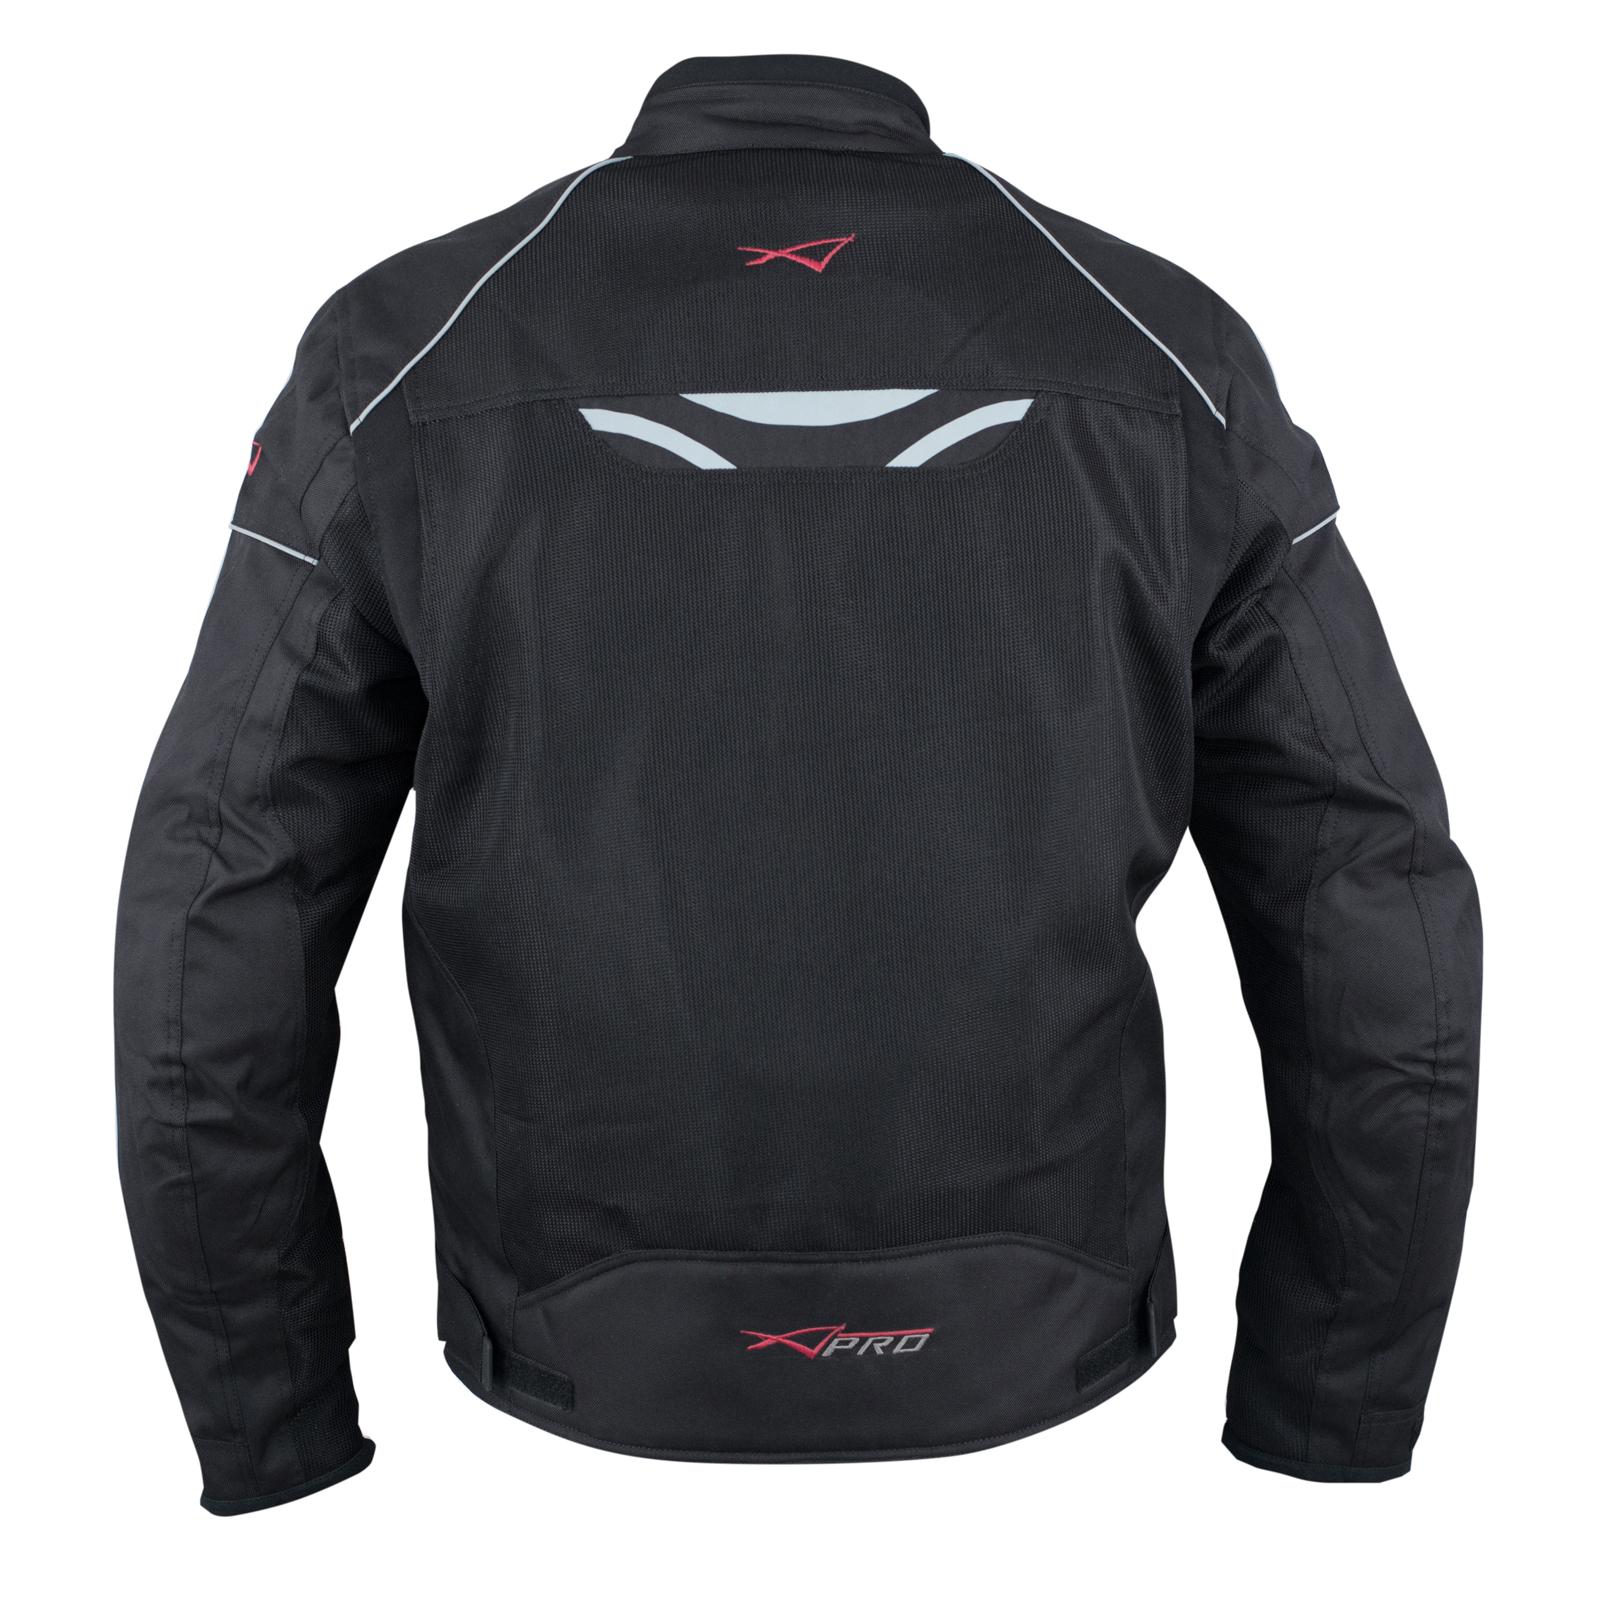 0dcf02c95fd Chaqueta Moto Sport Transpirable Ventilada Protecciones CE Verano